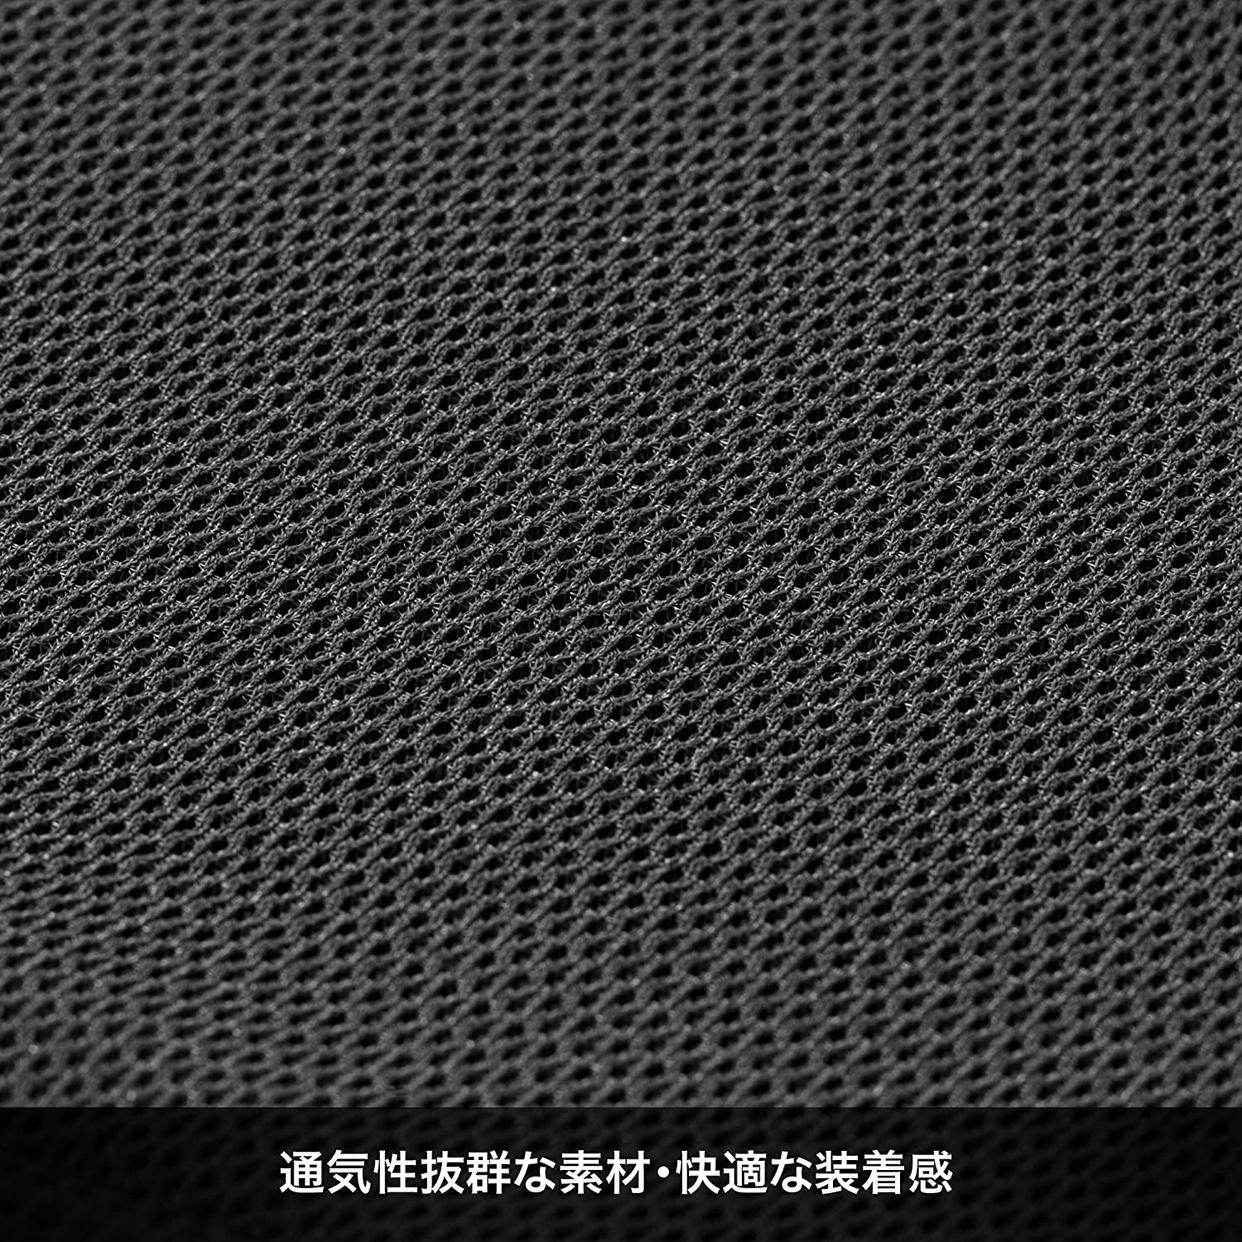 PROTAID(プロテイド) 膝サポーター 薄型 344101の商品画像3